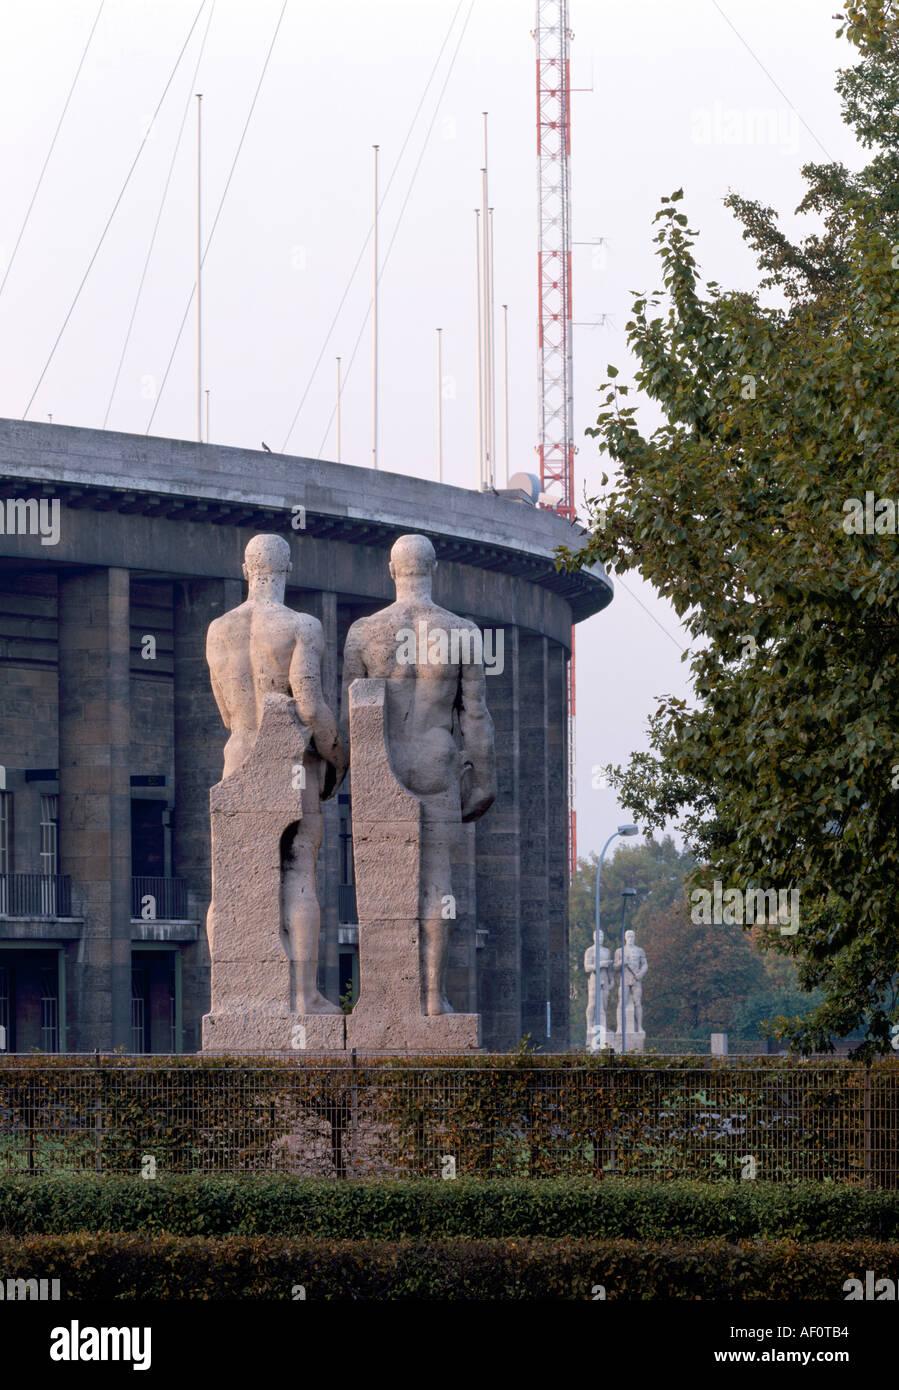 Berlin-Charlottenburg, Olympiastadion, NS-Skulpturen - Stock Image